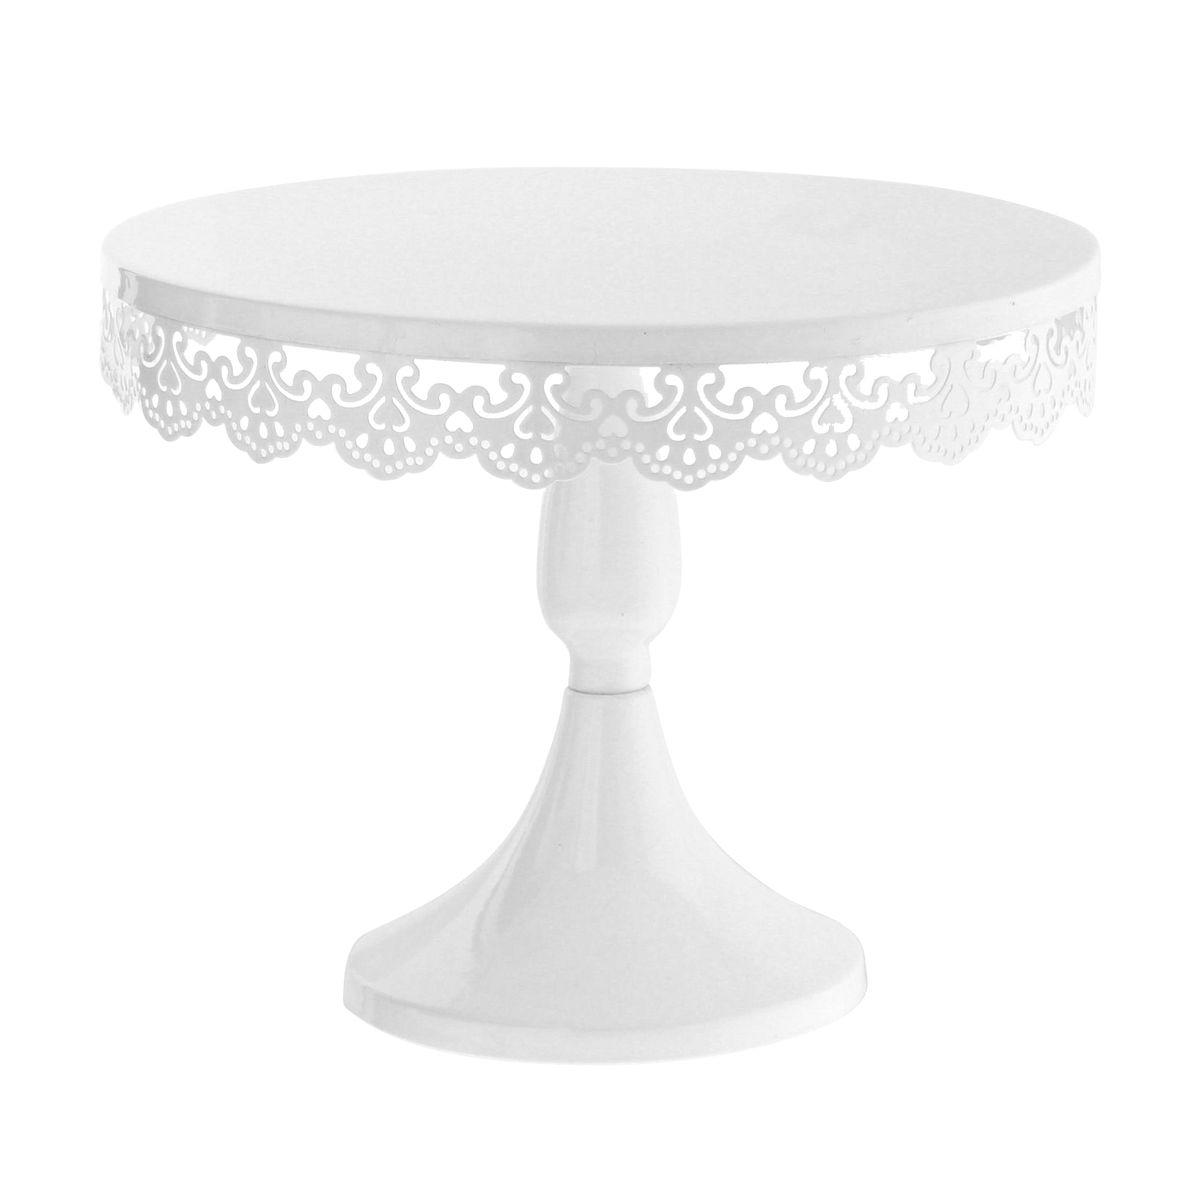 Présentoir à gâteau blanc avec broderies 30cm - Patisdecor